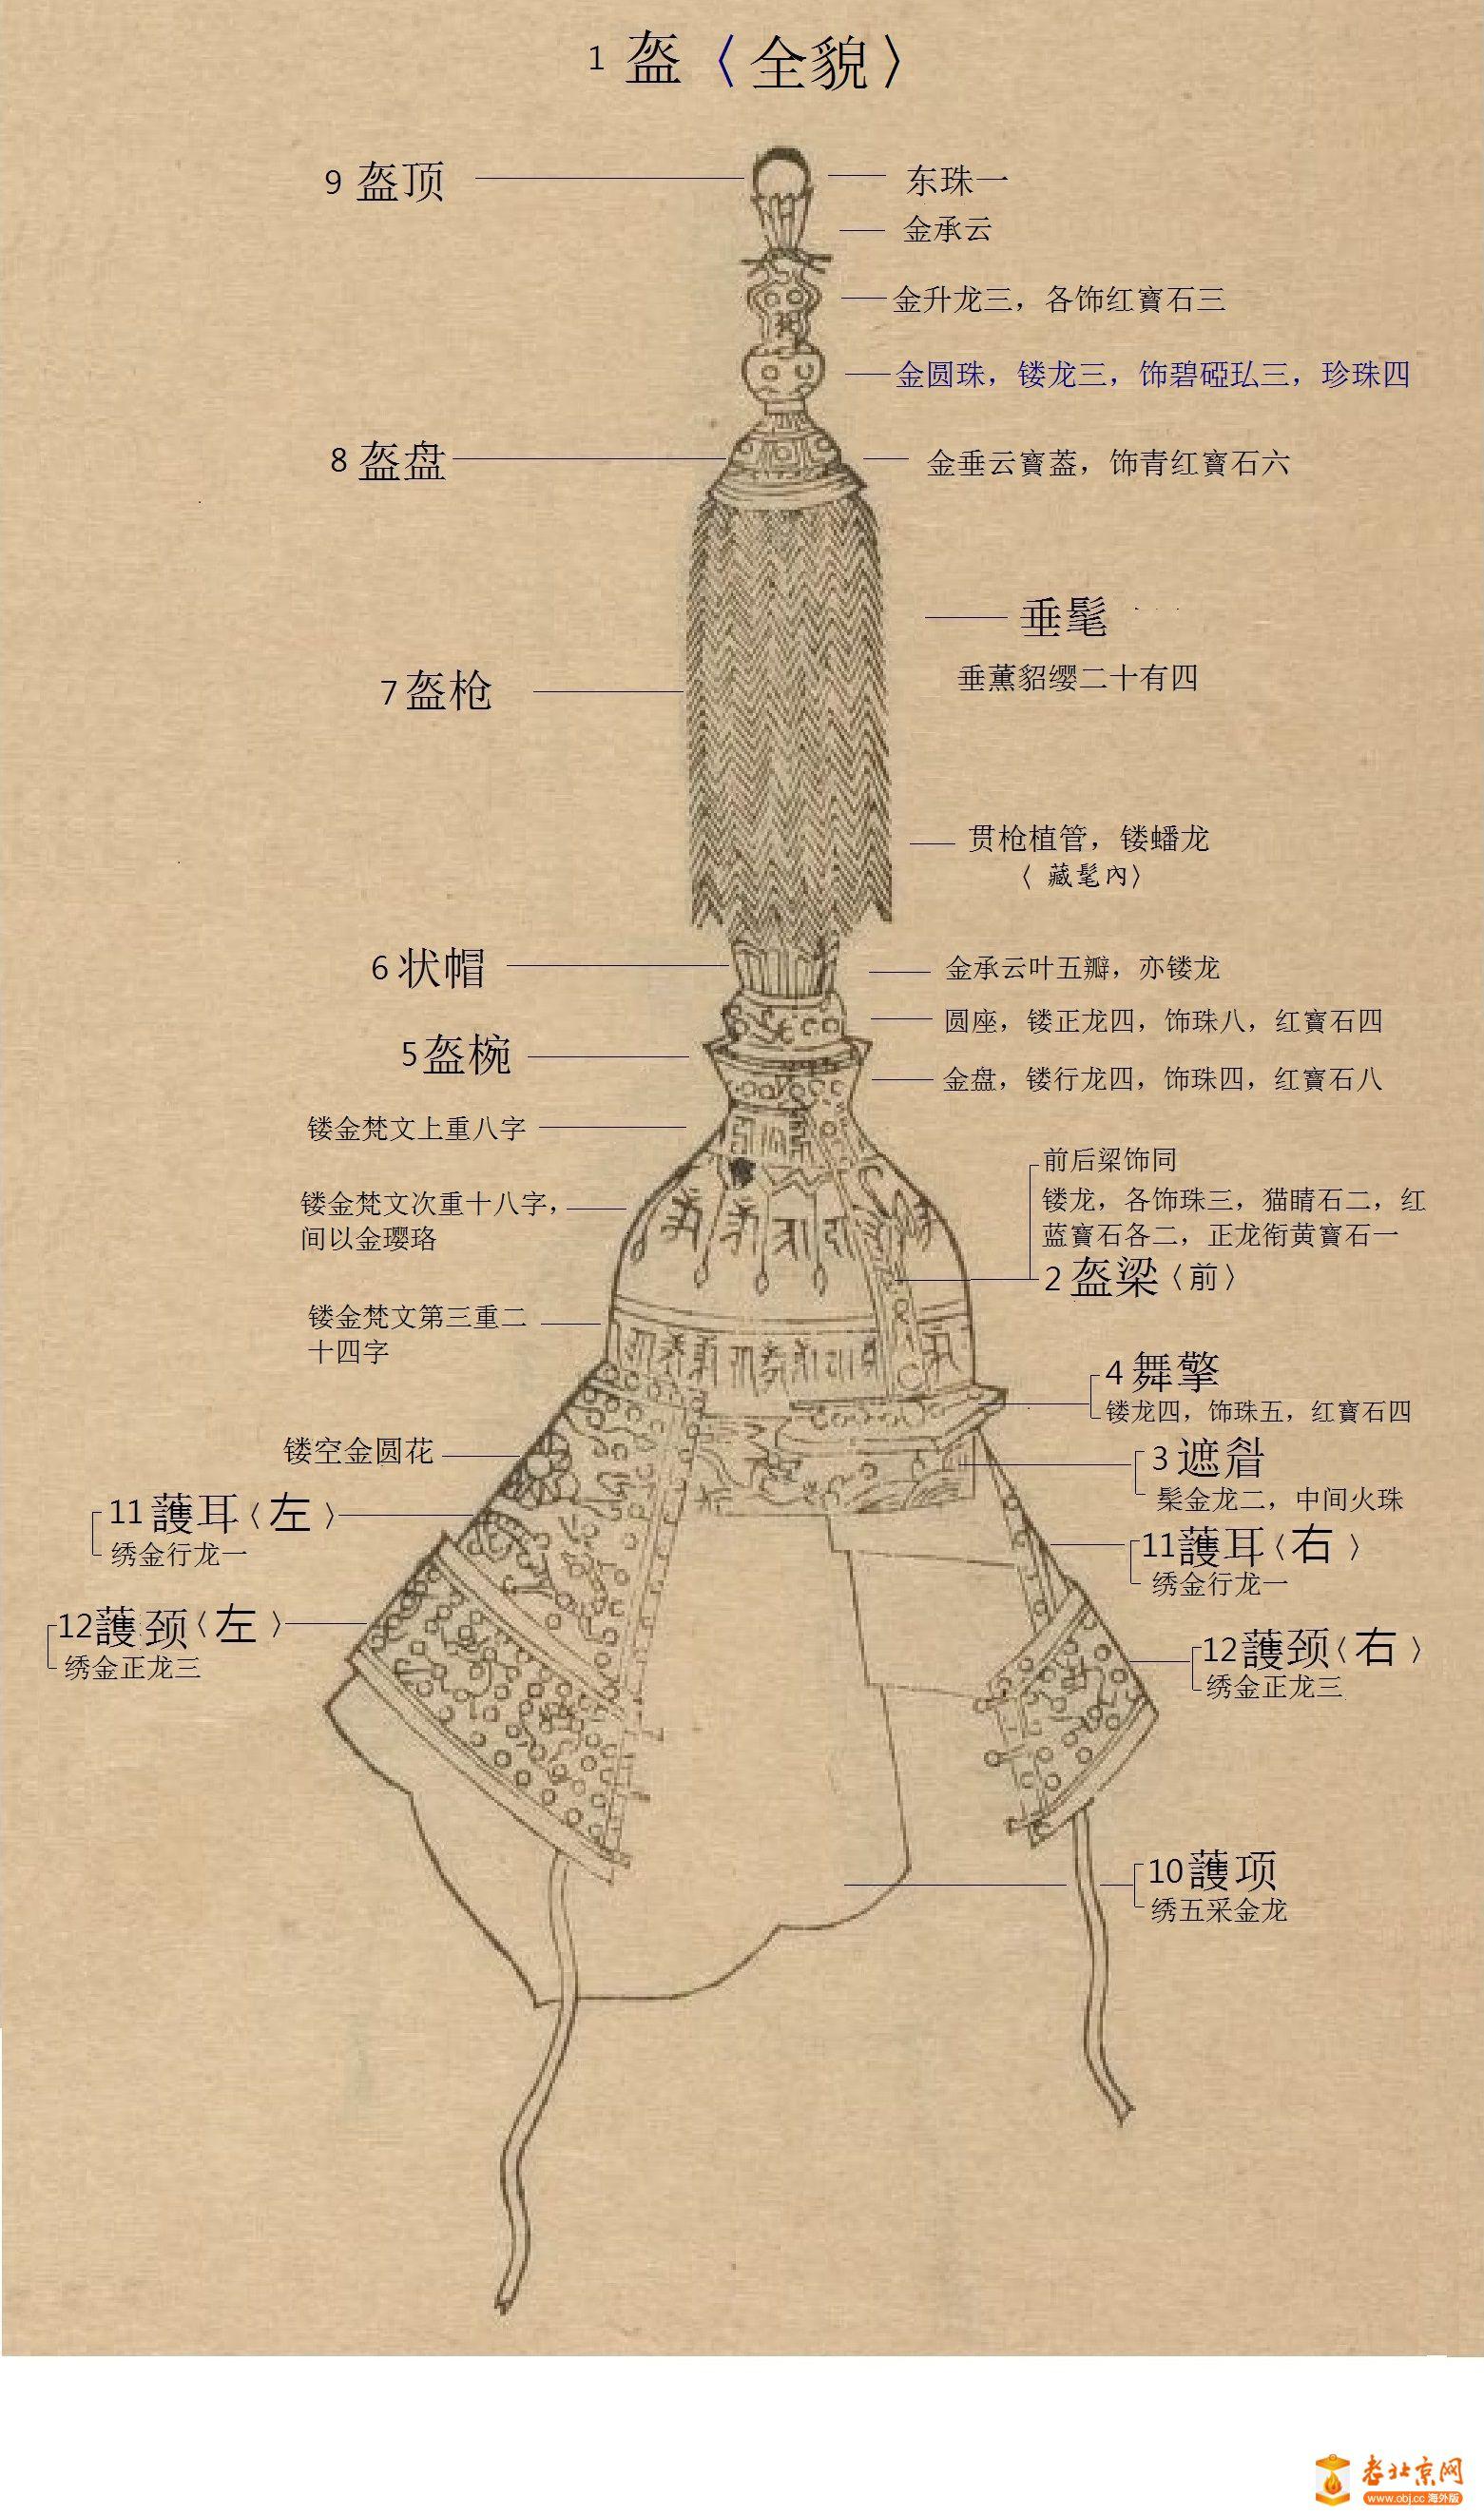 1_page4_image1aa.jpg